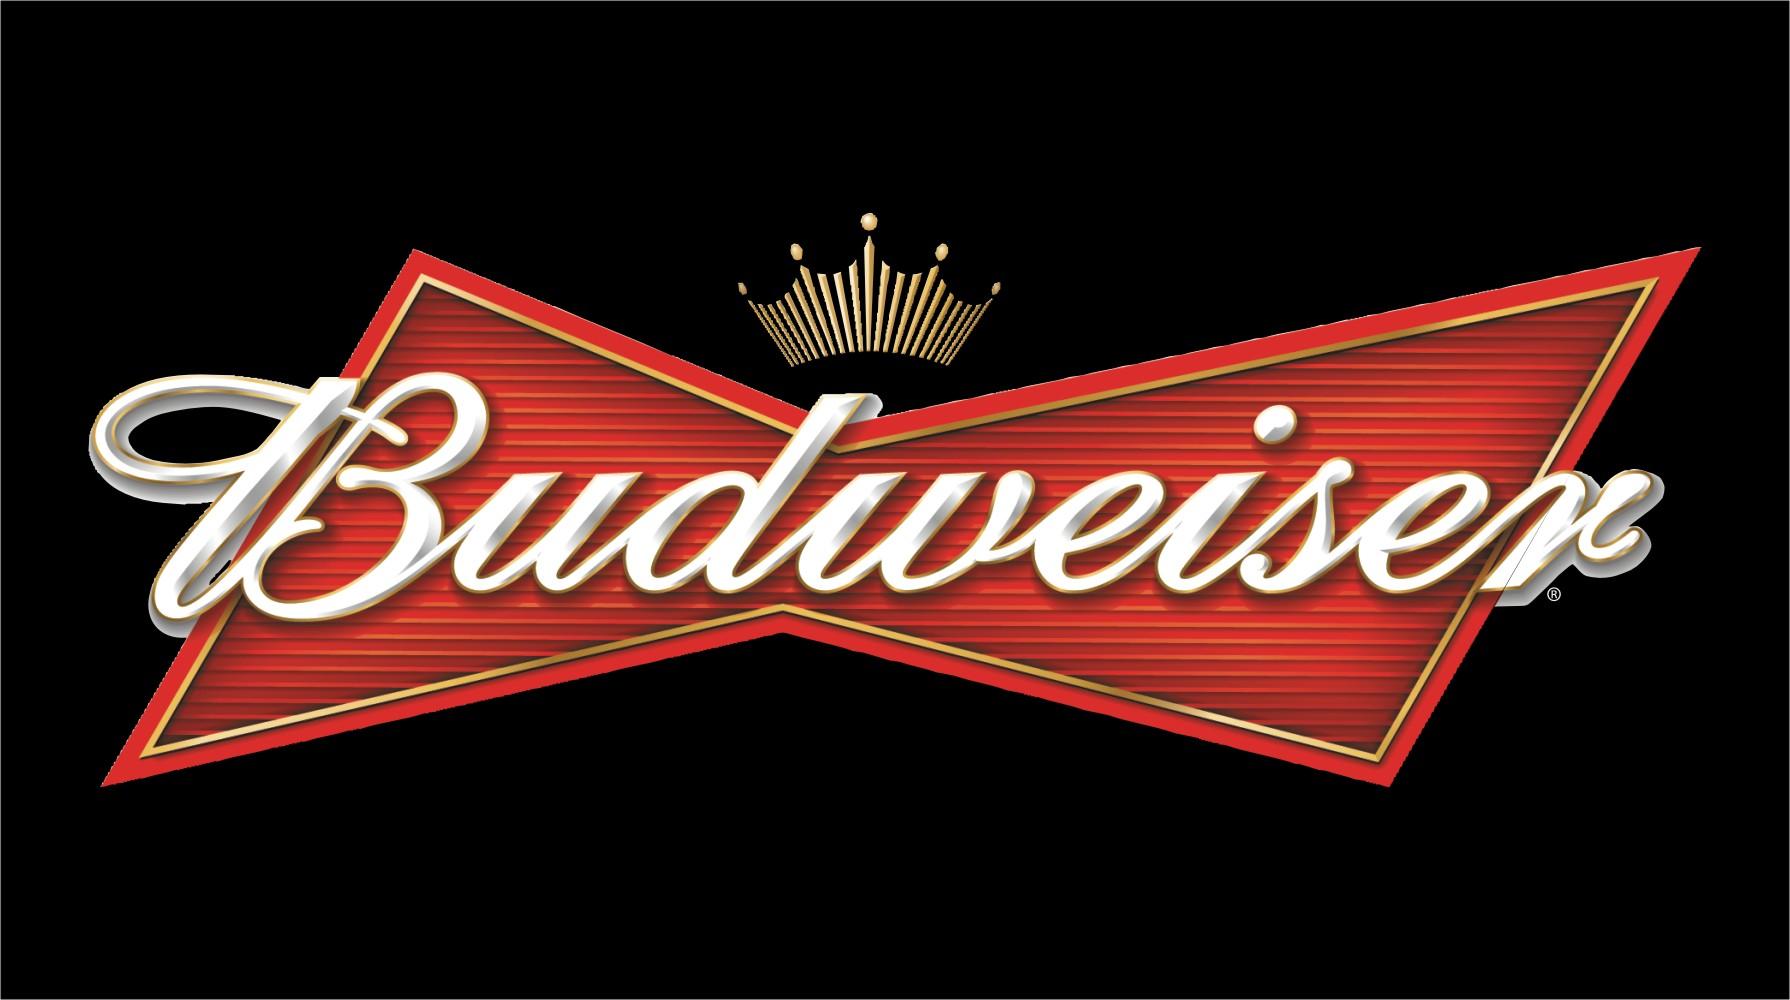 Budweiser Desktop Wallpaper Wallpapersafari HD Wallpapers Download Free Images Wallpaper [1000image.com]